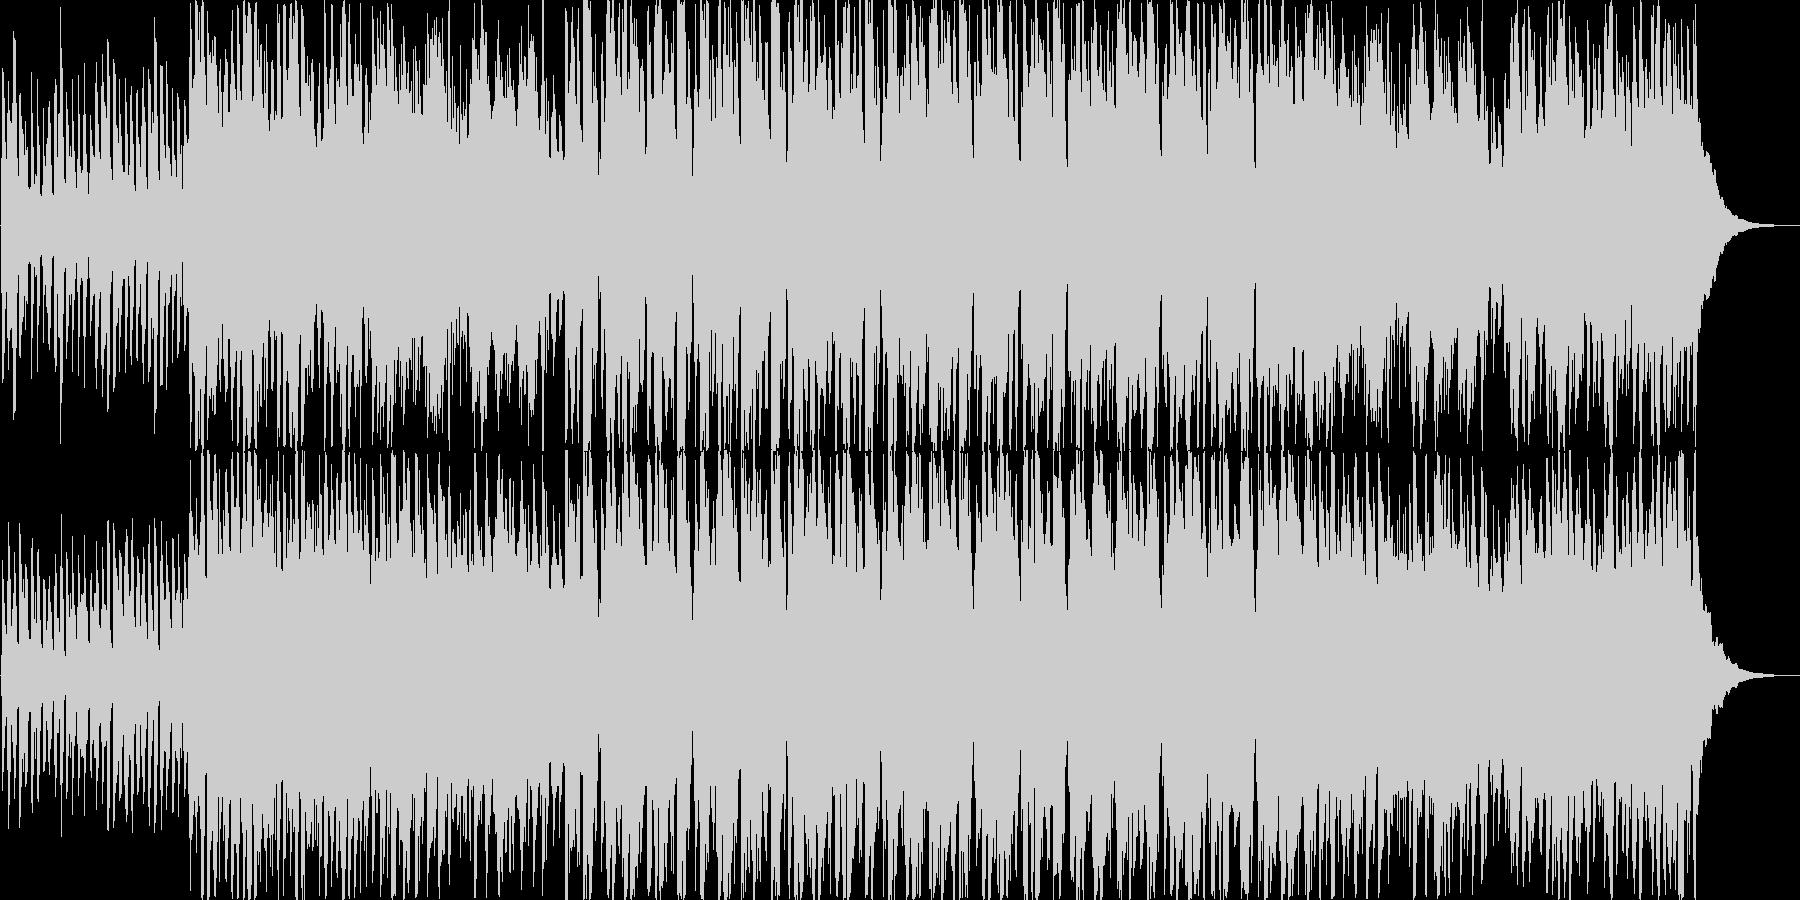 ほのぼのした雰囲気のアコギのインストの未再生の波形